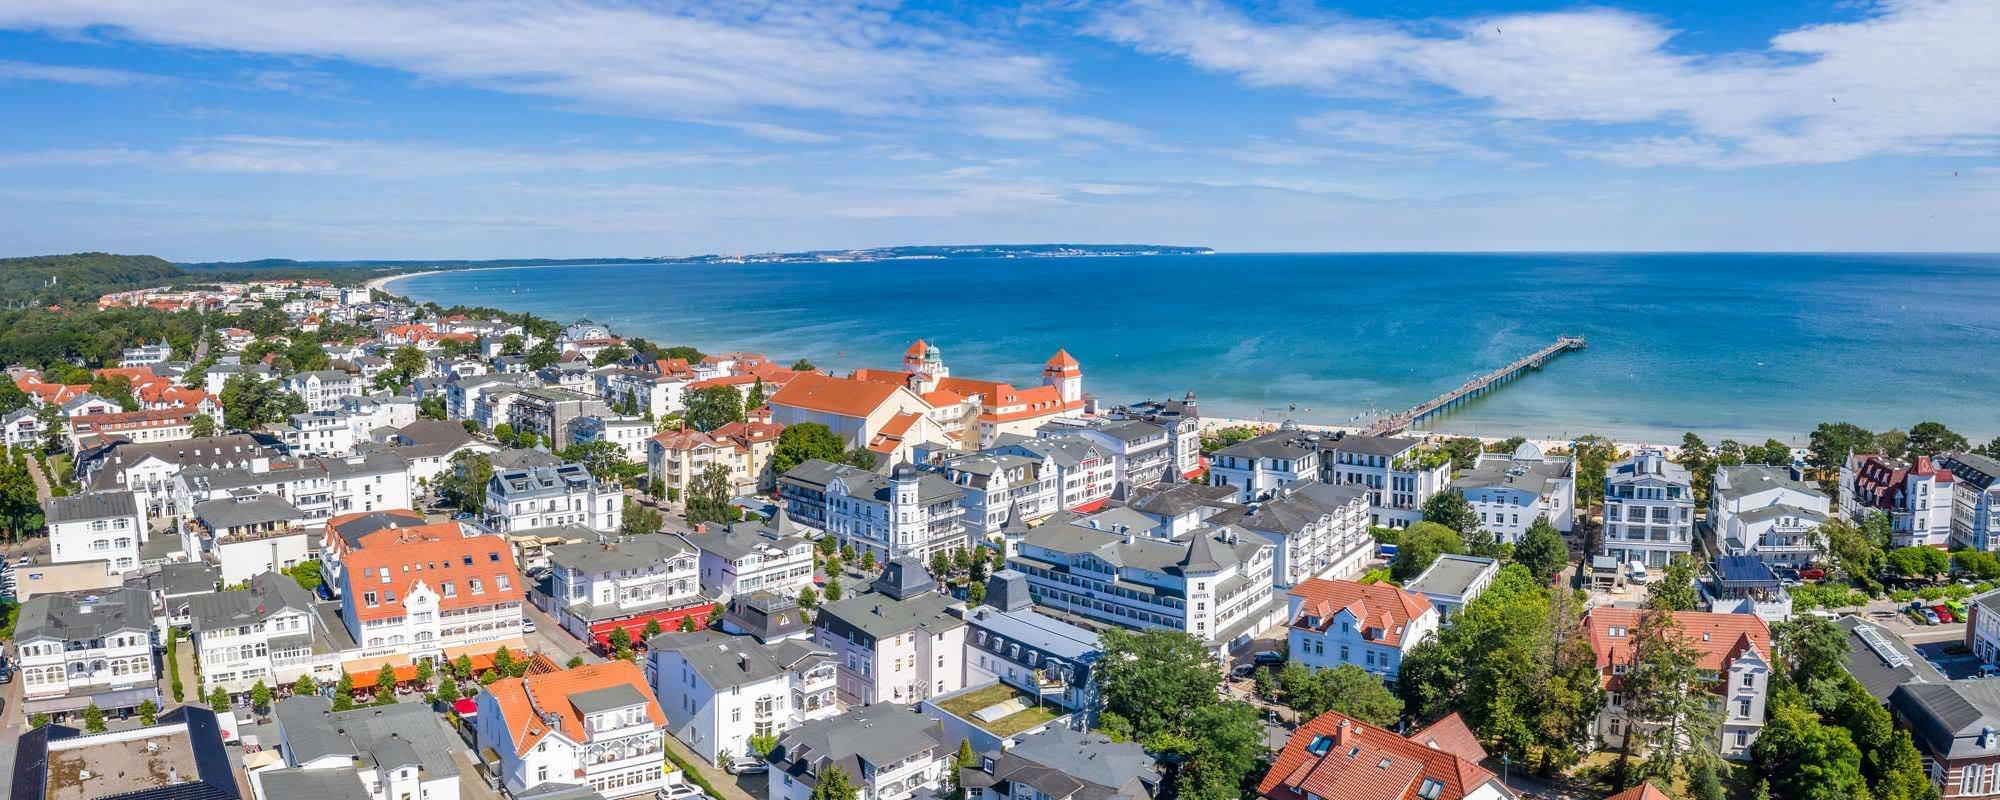 Luftaufnahme vom Centralhotel Binz auf Rügen an der Ostsee